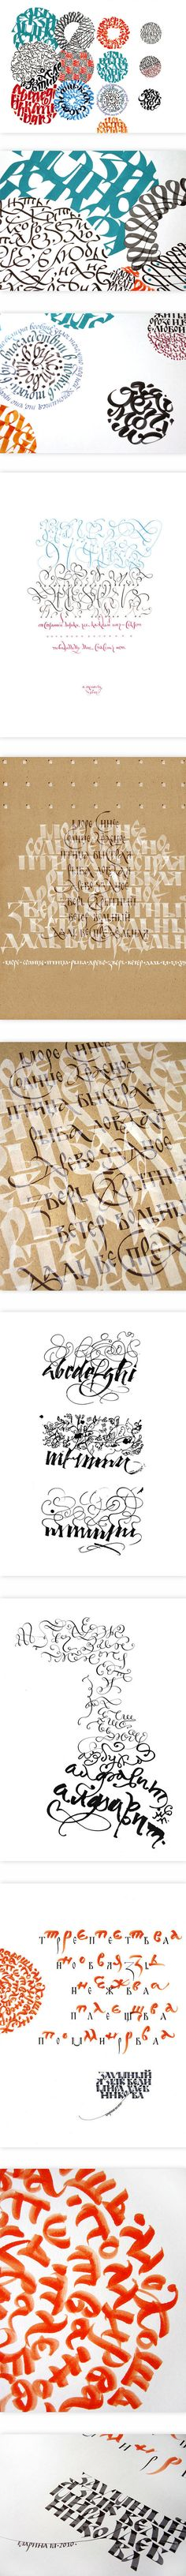 Рутения. Фестиваль каллиграфии и типографики, Каллиграфия © МаринаМарьина